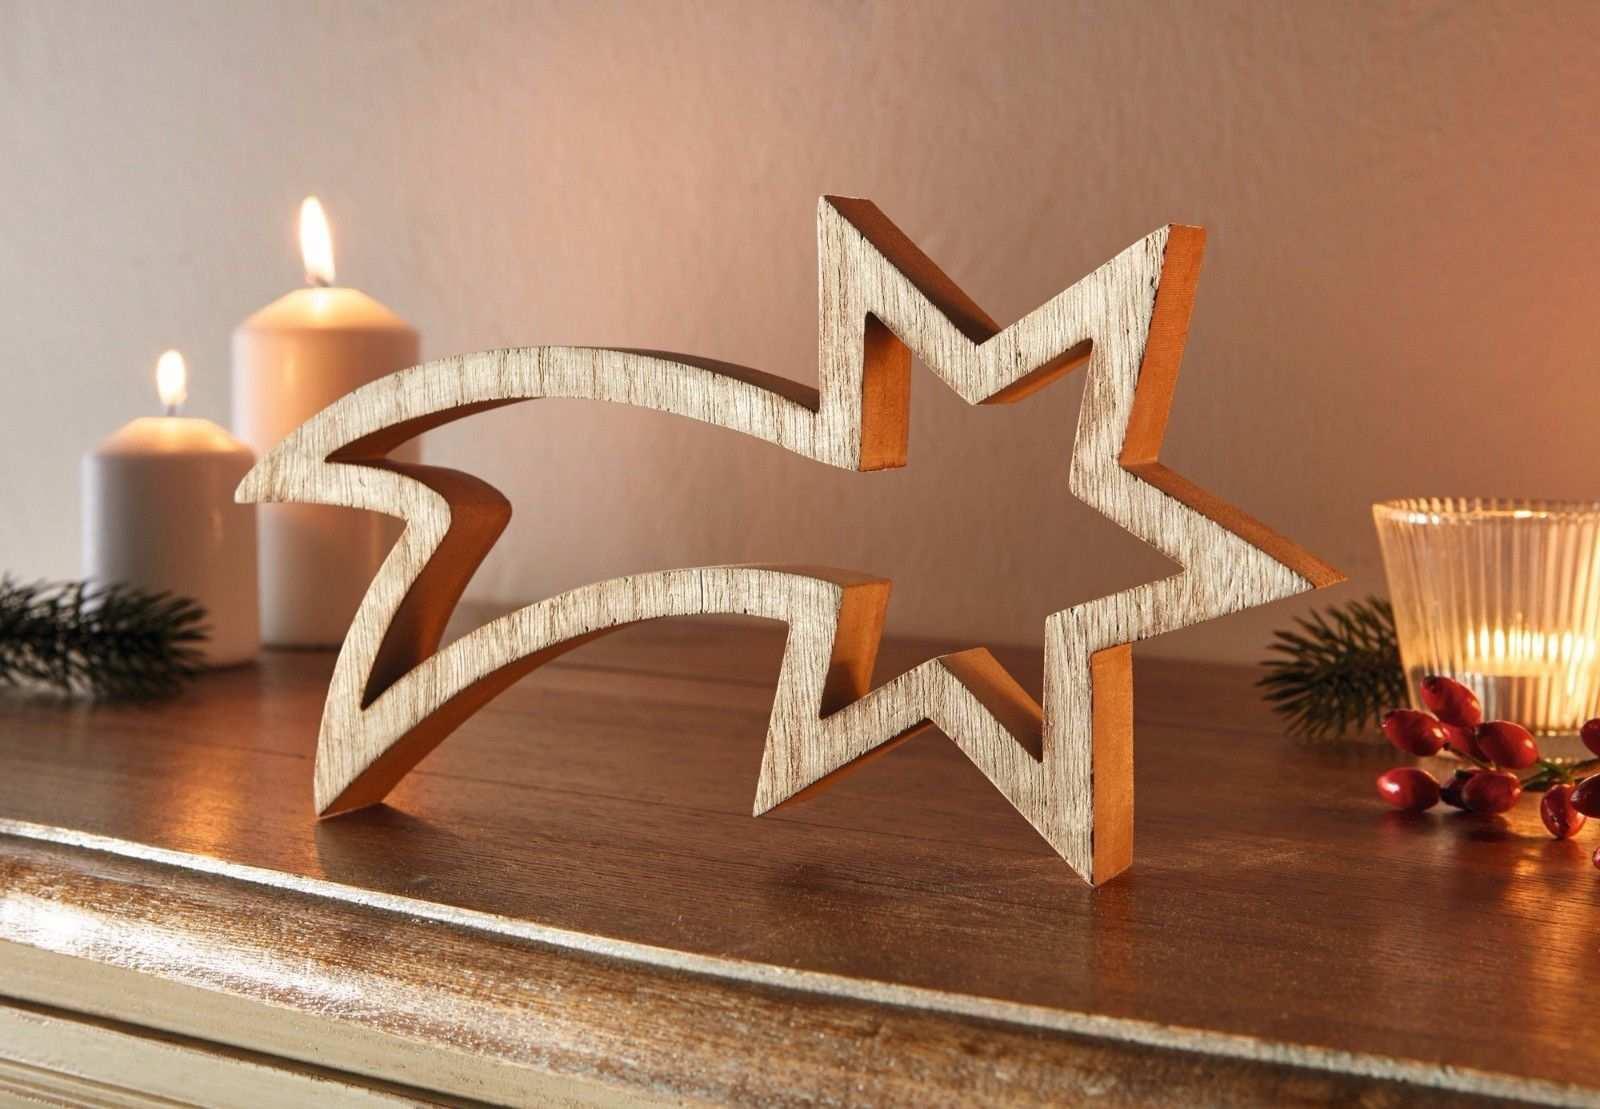 Stern Sternschnuppe Deko Holz Figuren Weihnachten Weihnachtsdeko